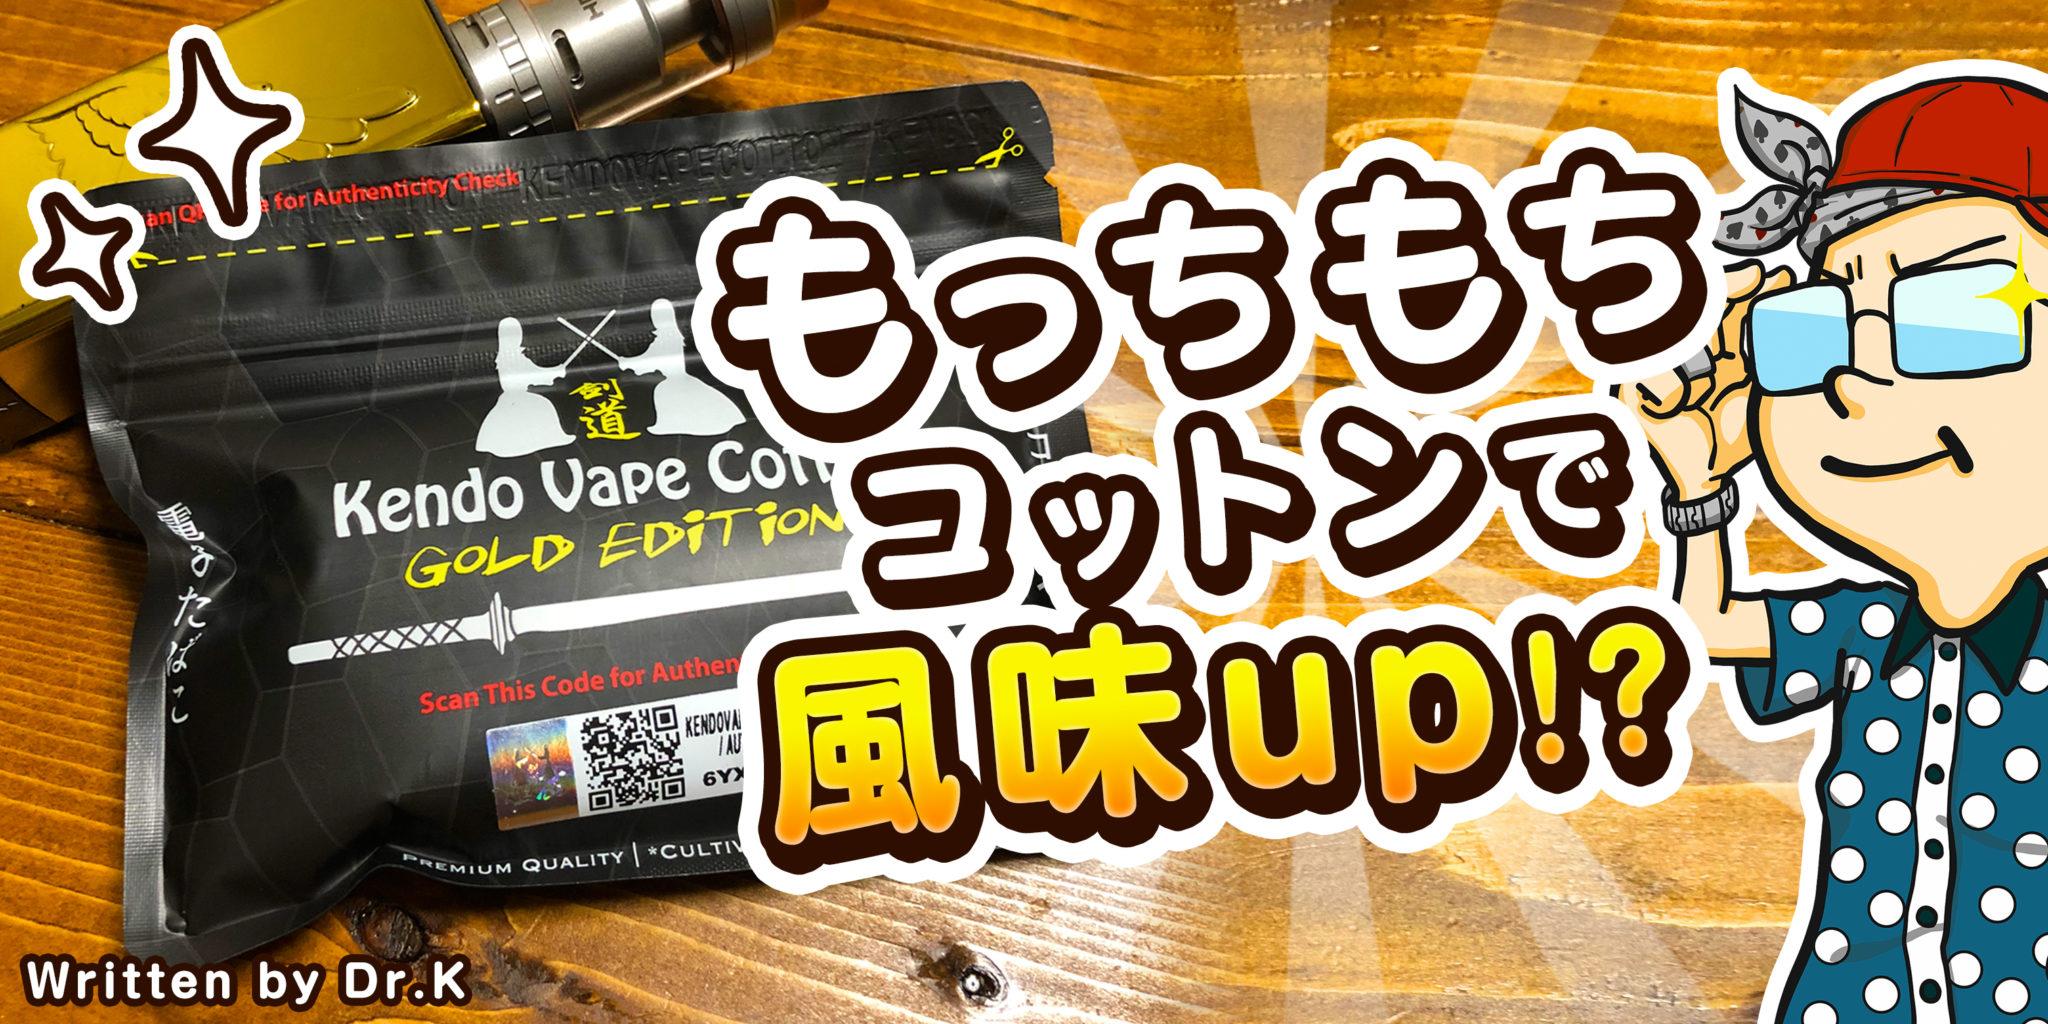 catch 3 - 【レビュー】もっちもち!! Kendo Vape Cotton Gold Edition(ケンドーベイプコットンゴールドエディション)でリキッドのポテンシャルMAXに!?